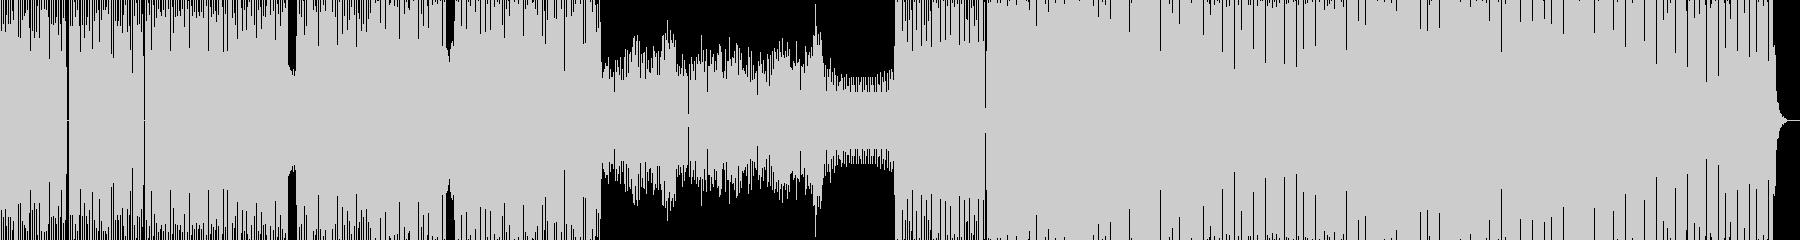 Dépouillé、rythmiq...の未再生の波形